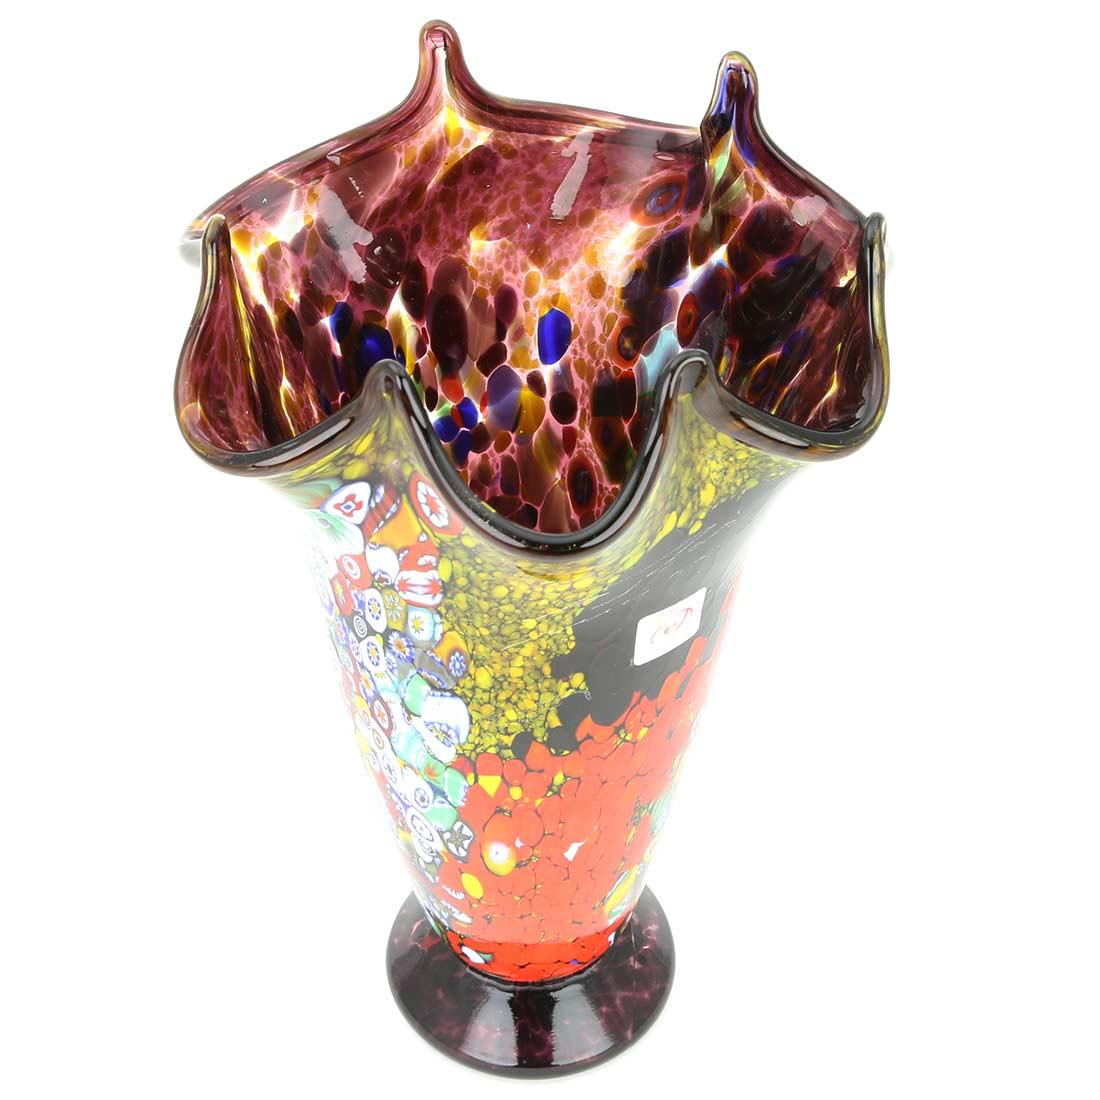 Murano Millefiori Art Glass Fazzoletto Vase - Amethyst